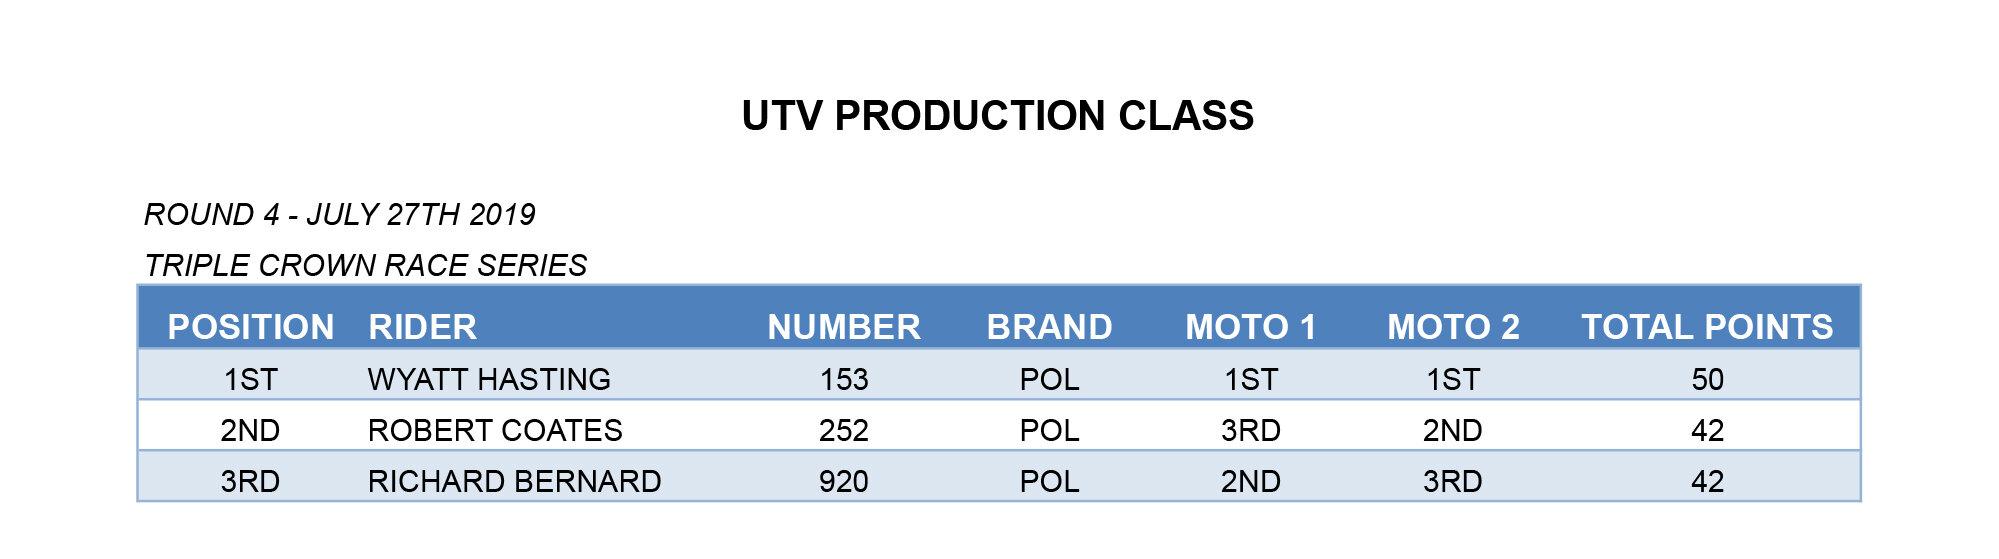 ROCKY RD4 15-UTV PRODUCTION copy.jpg